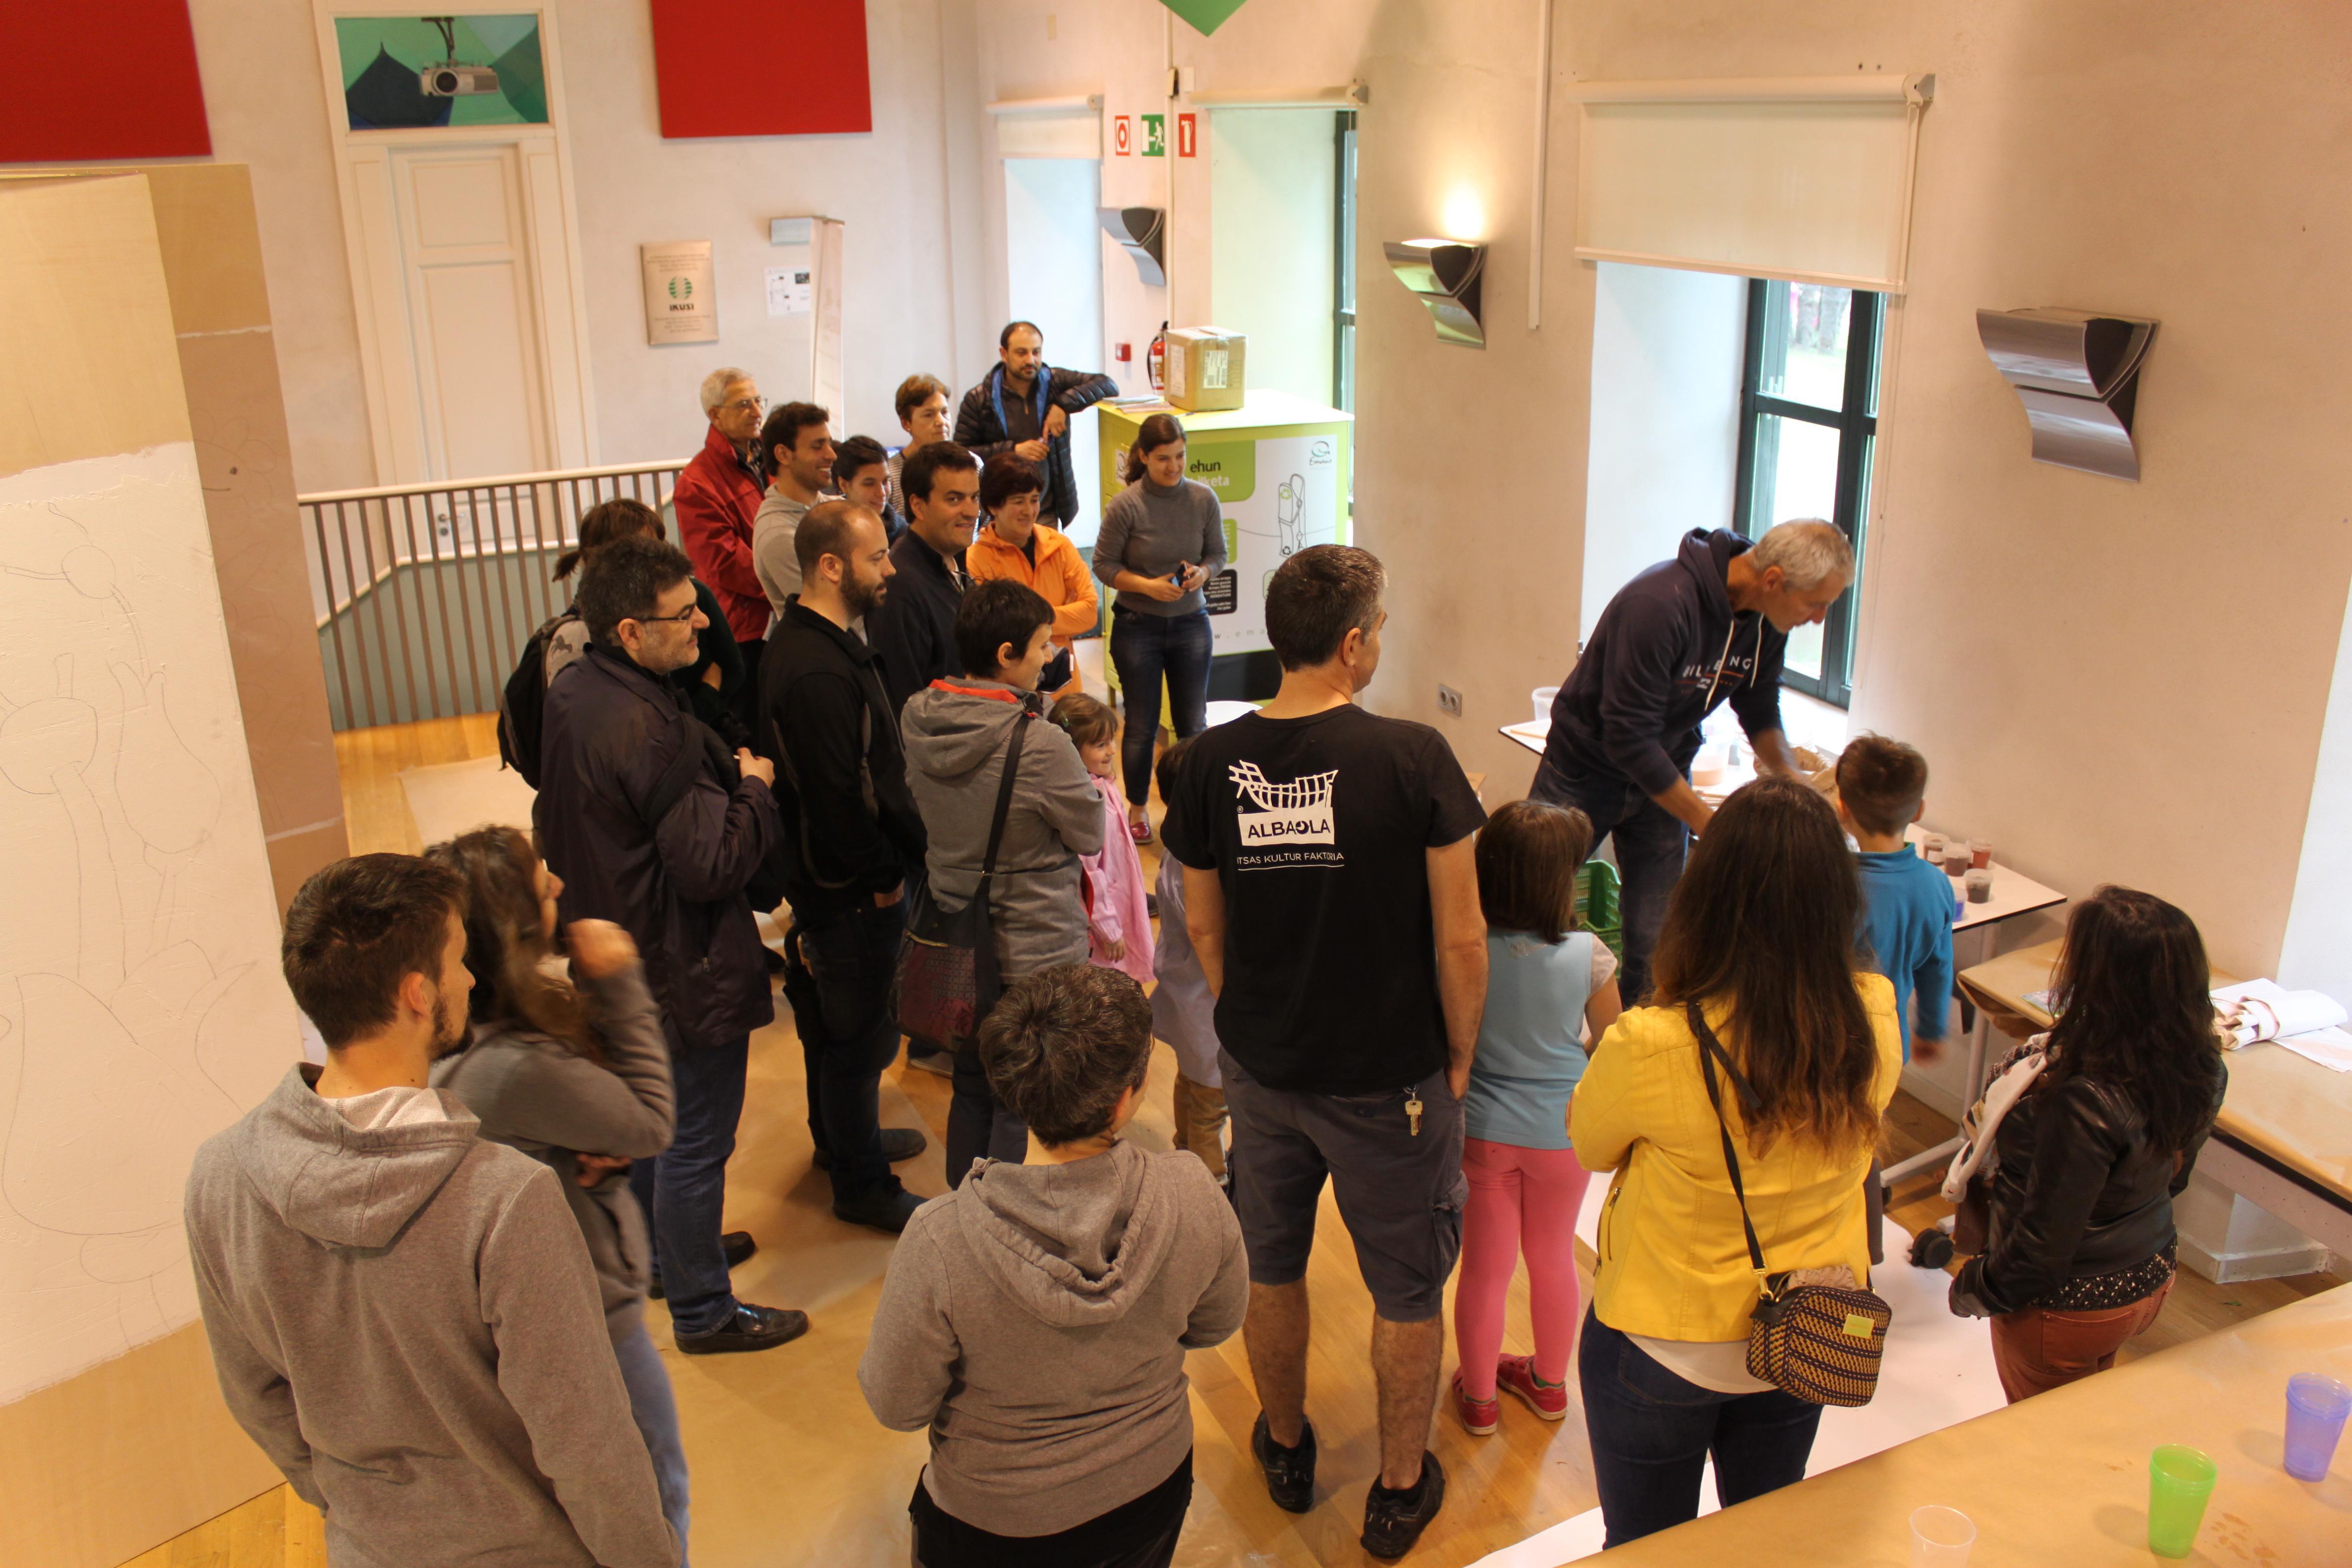 imagen 2 de noticia: los-talleres-cierran-la-2-semana-de-la-bioconstruccin-organizada-por-kursaal-green-ieb-cristina-enea-y-kutxa-ekogunea